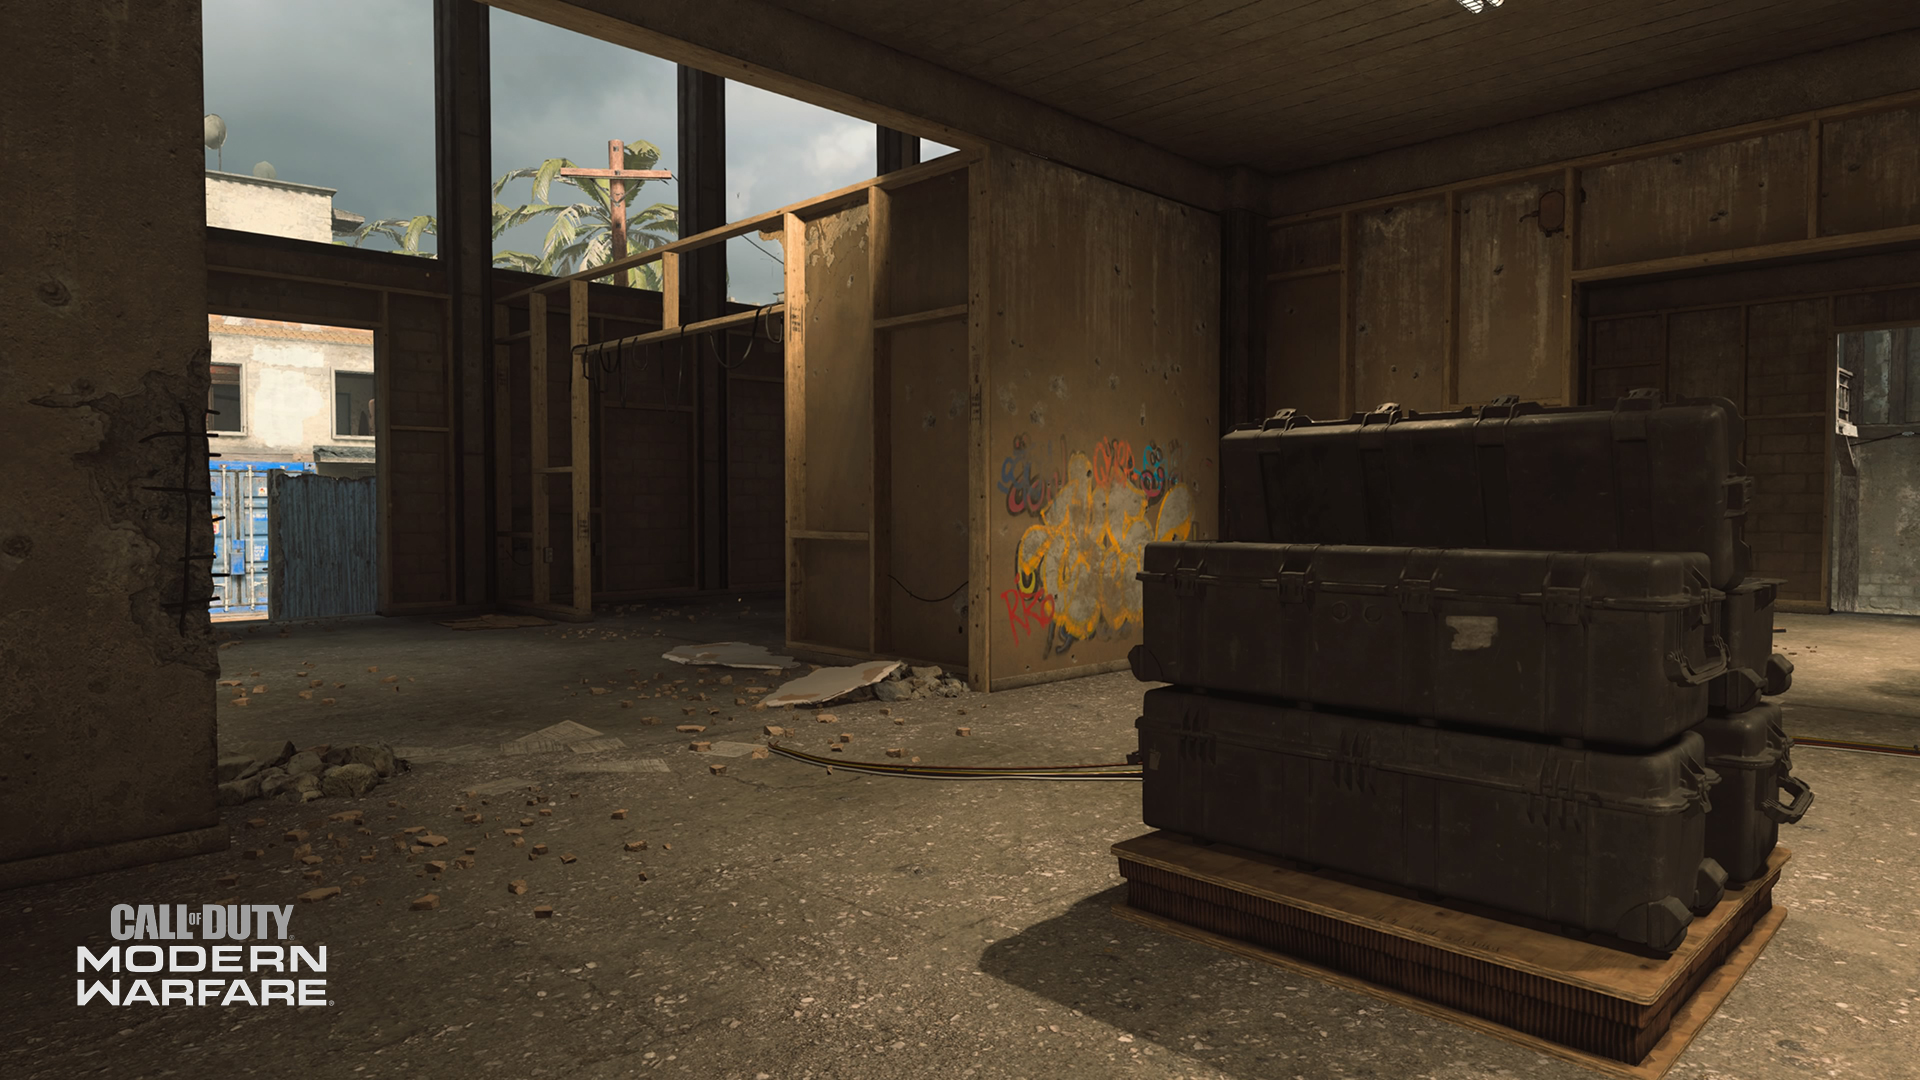 Mode Recon: Demolition - Image 1